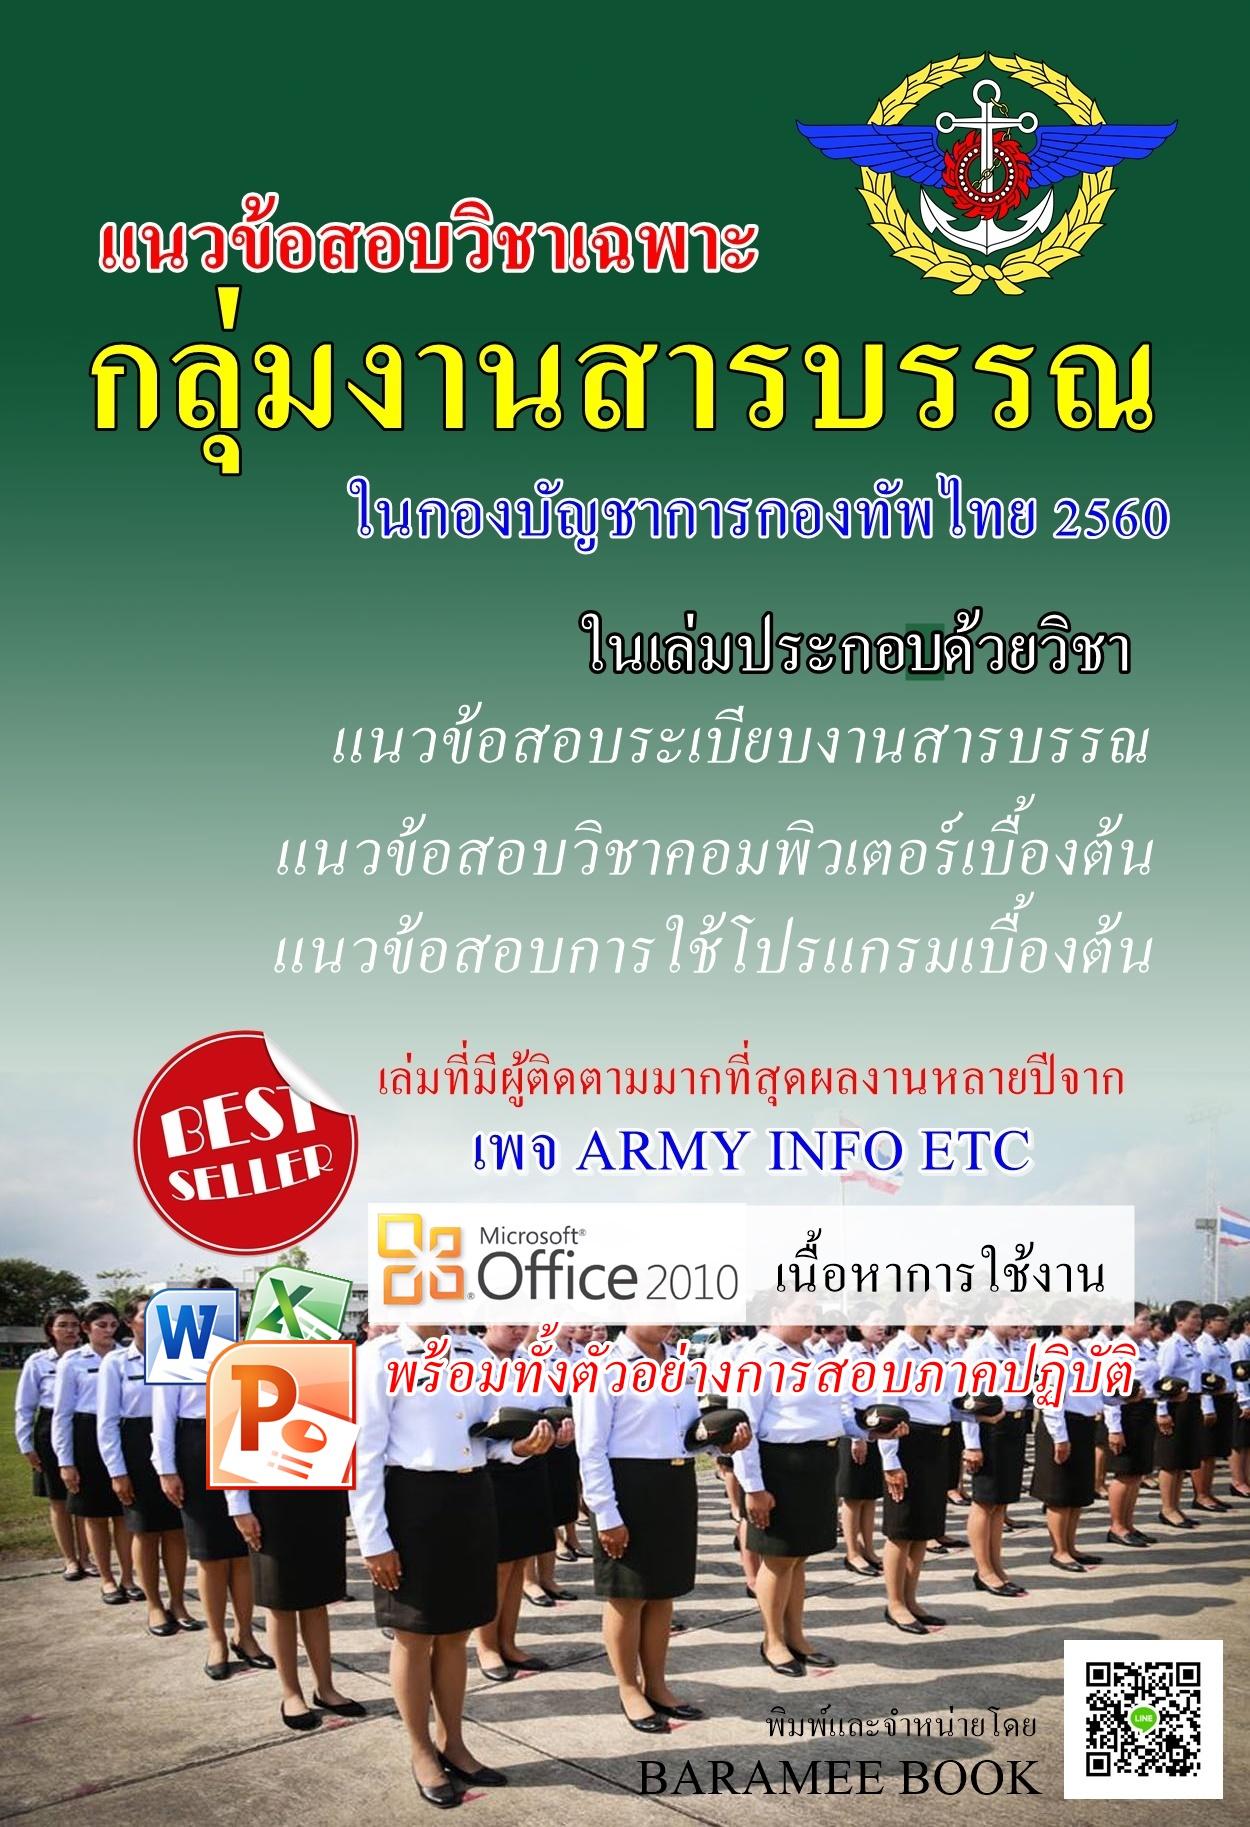 แนวข้อสอบ กลุ่มงานสารบรรณ บก.กองทัพไทย 2560